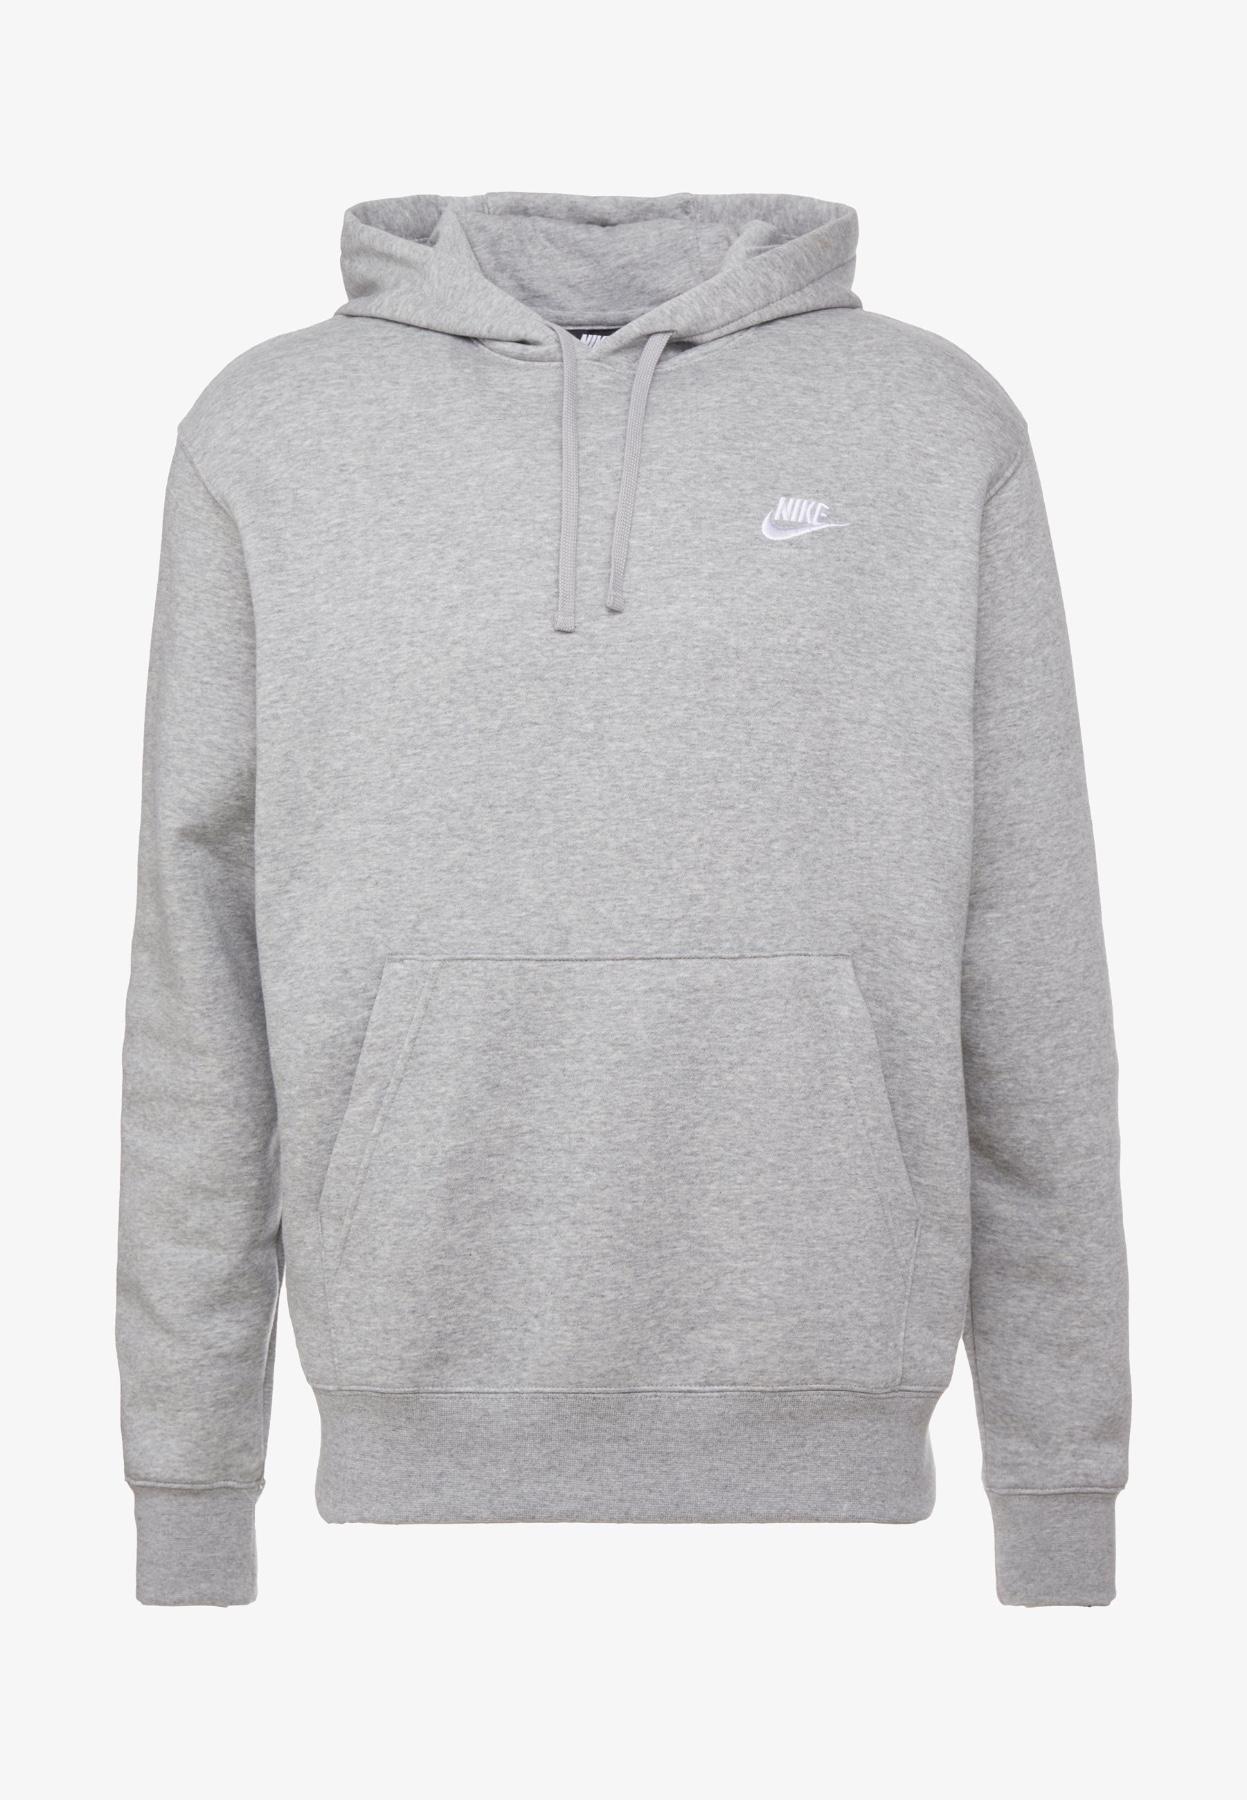 Nike hoodie man